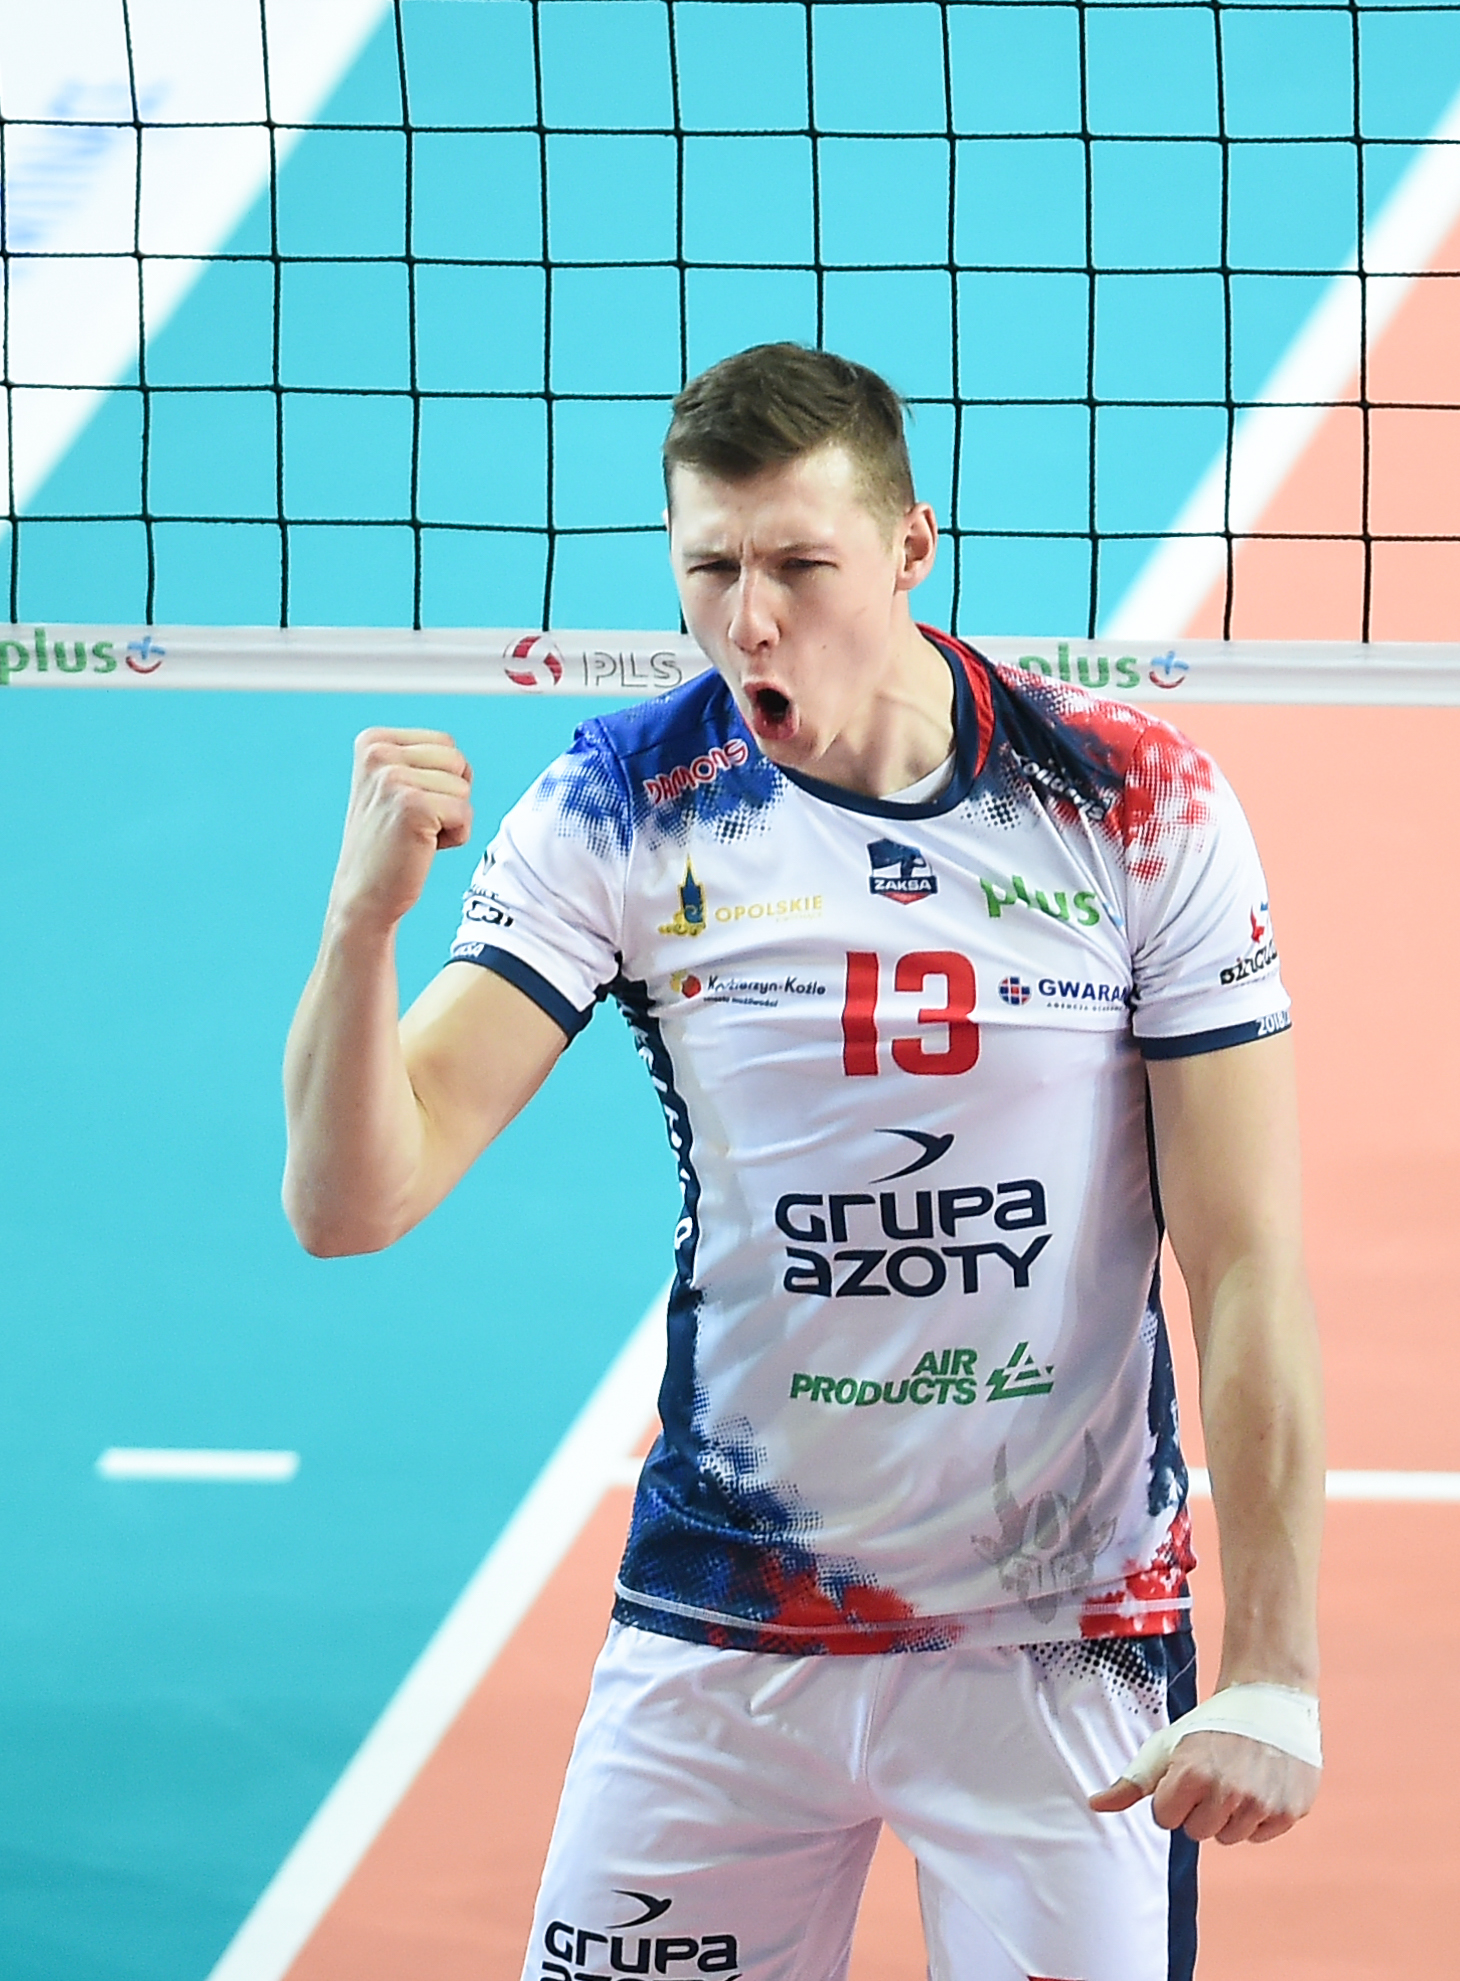 Rafał Szymura: Mam nadzieję, że pokażemy na co nas stać